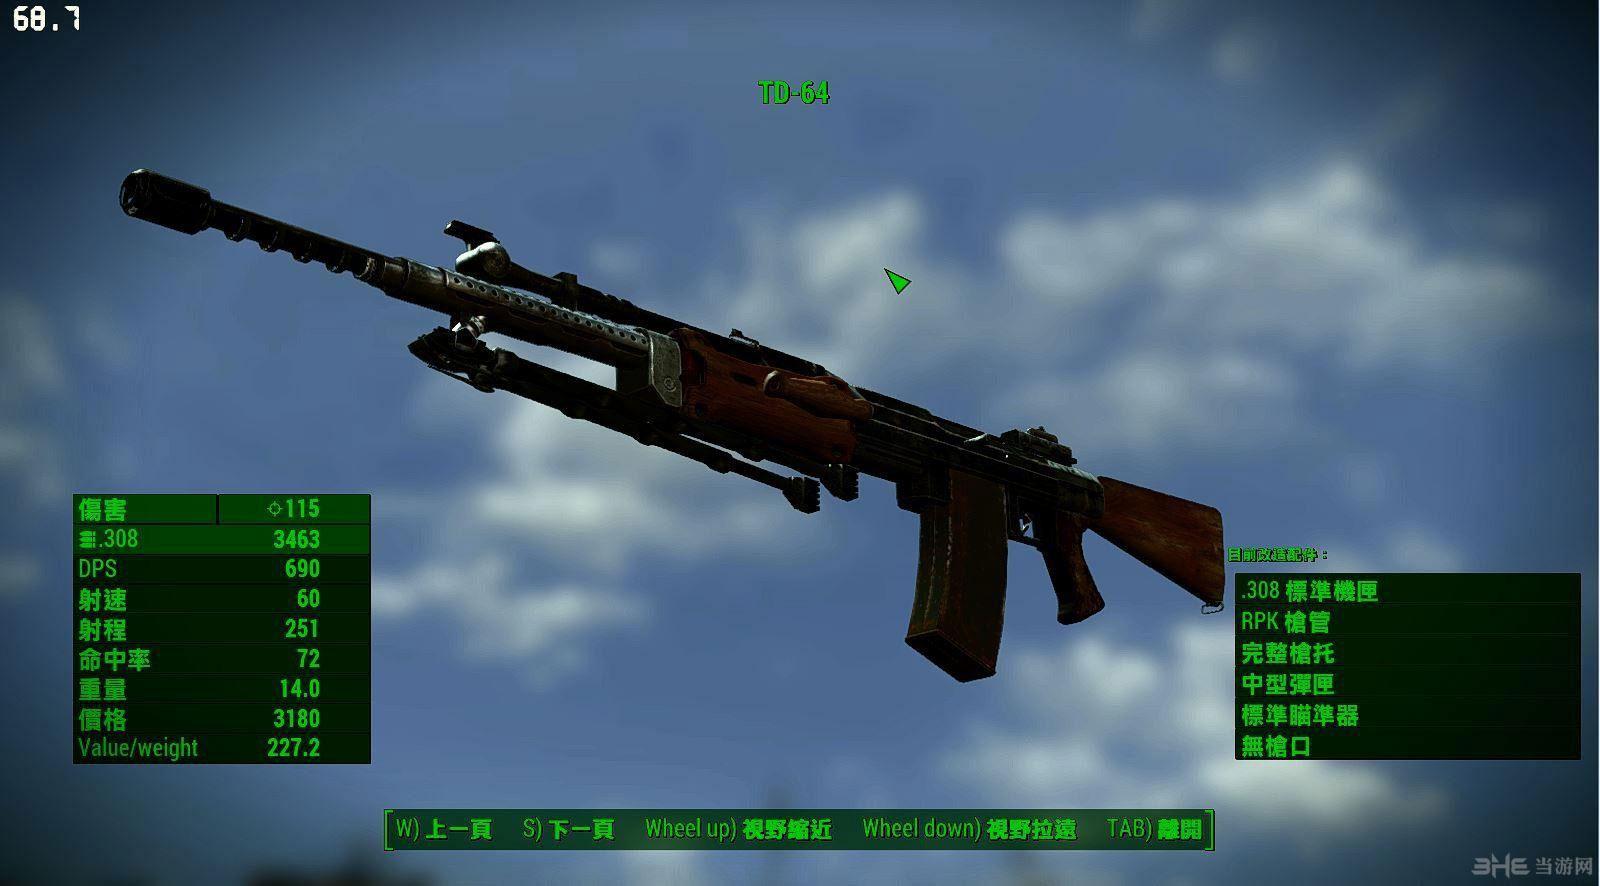 辐射4 TD-64通用重型步枪/轻机枪MOD截图0